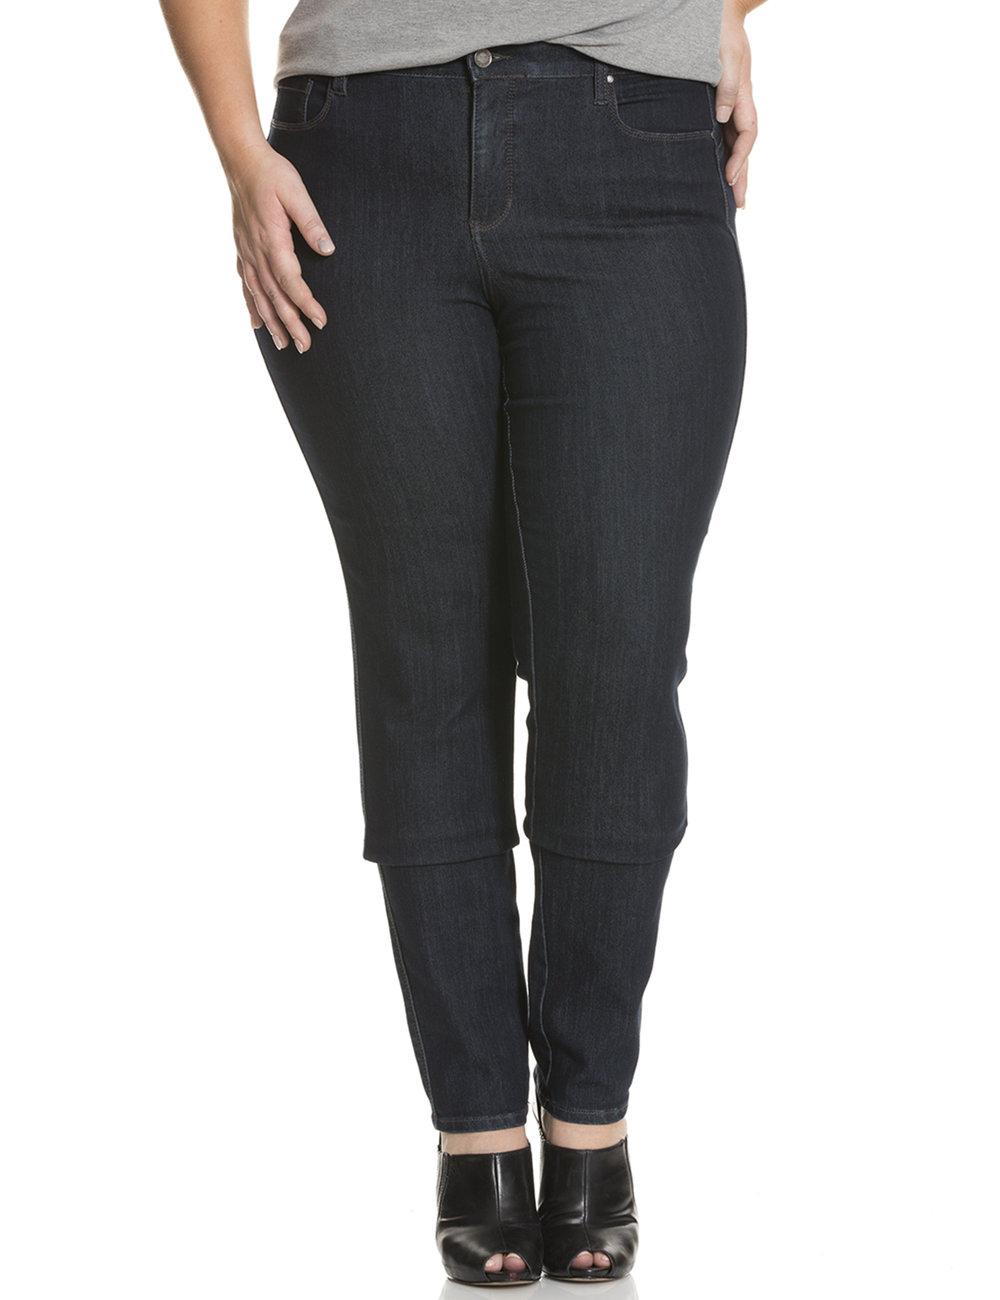 dark denim straight leg jeans on model for ecommerce site